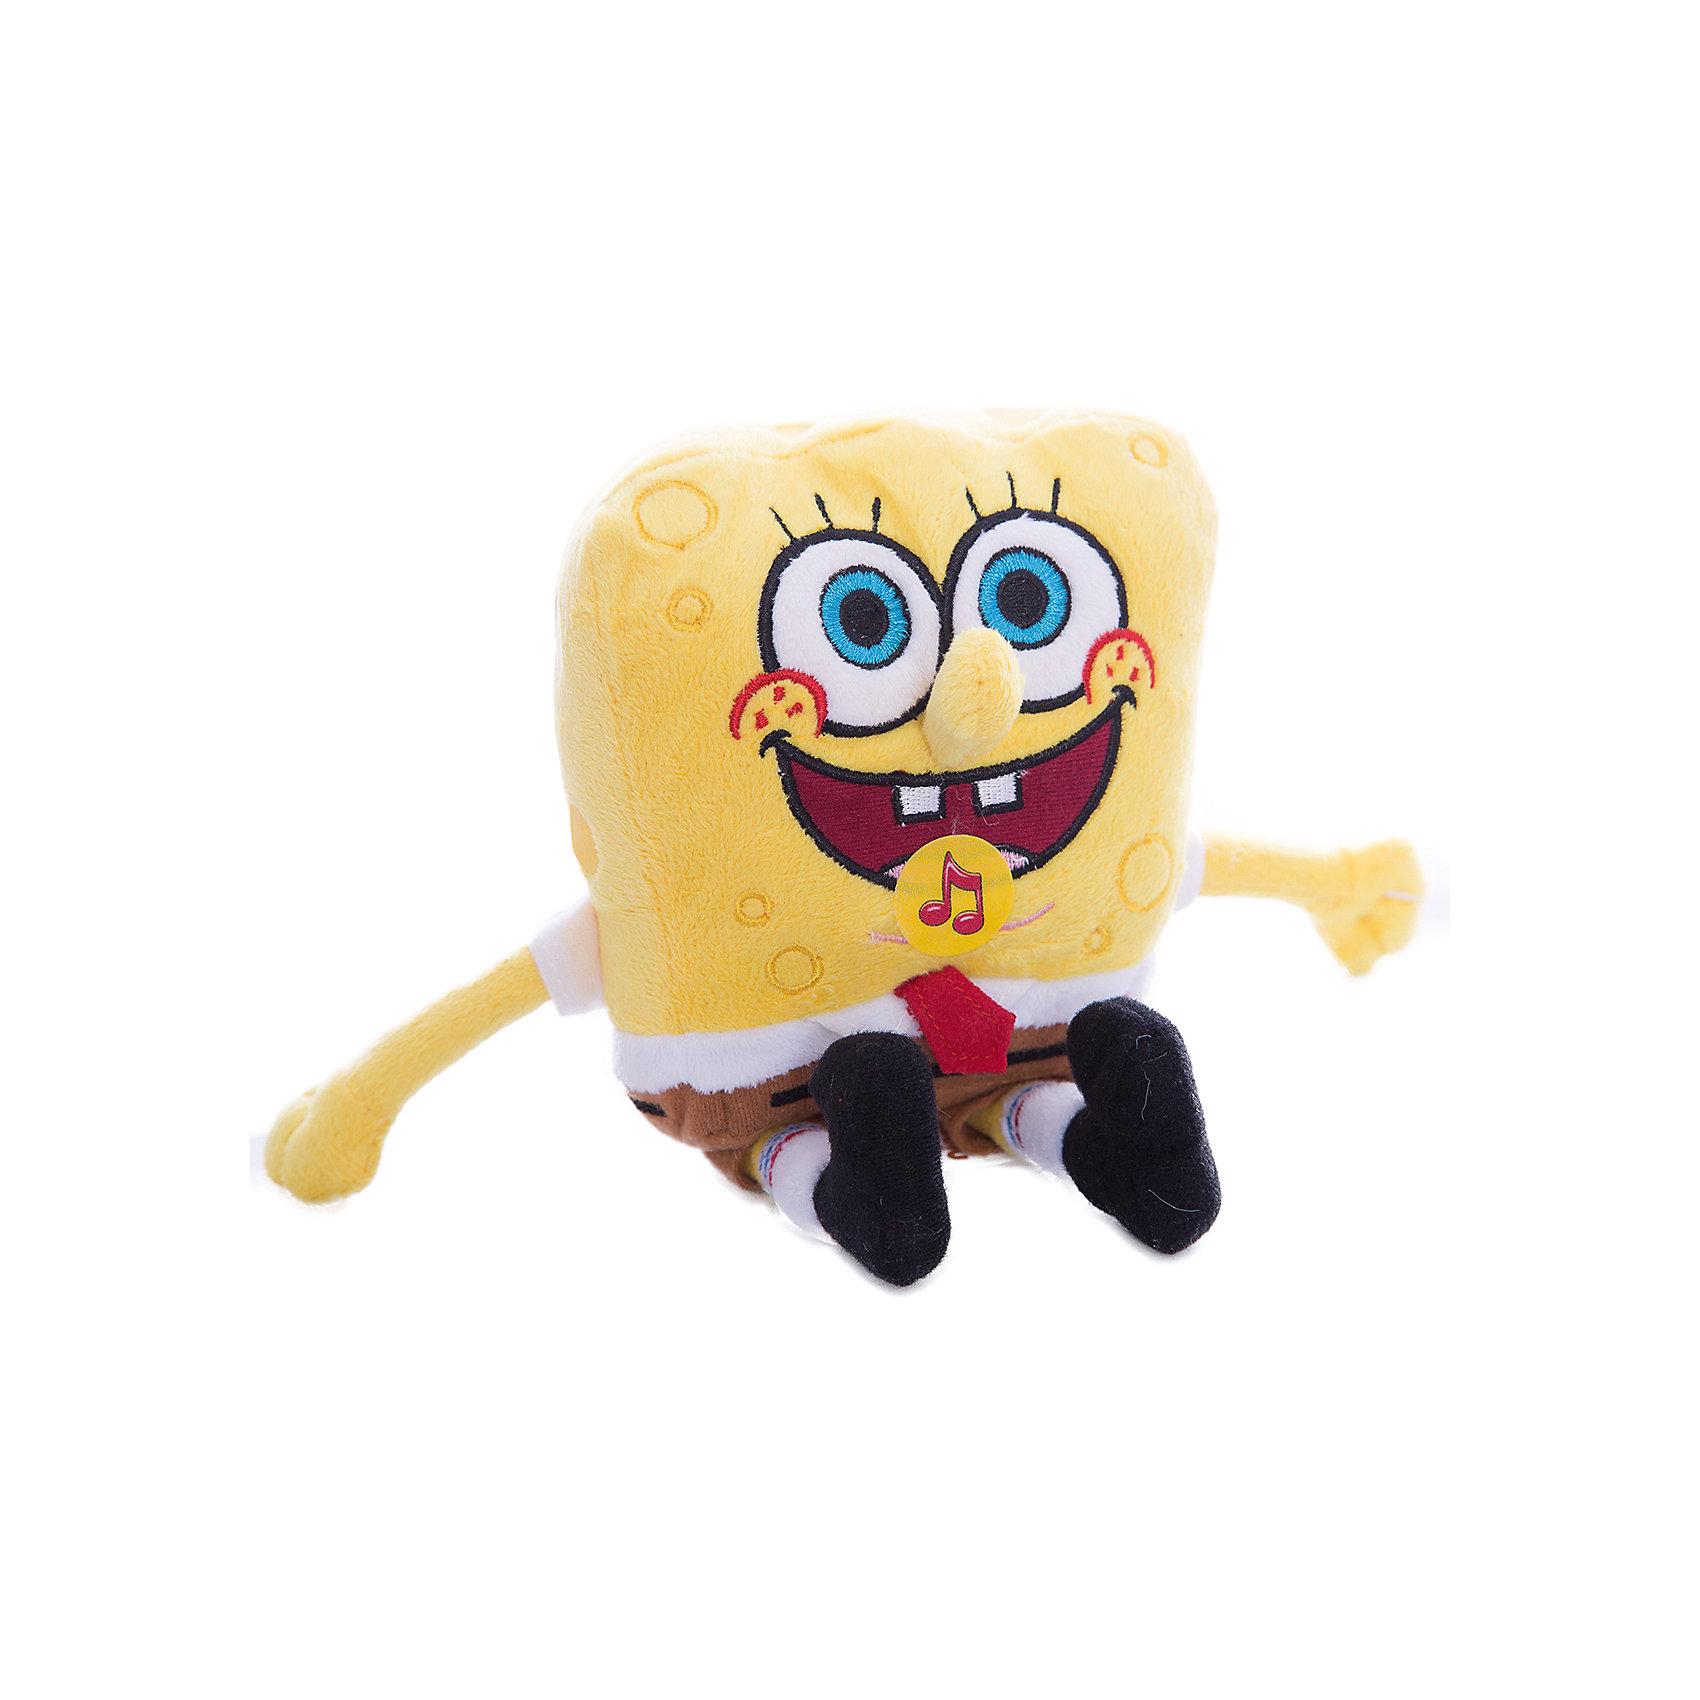 Мягкая игрушка Губка Боб, 14 см, со звуком, МУЛЬТИ-ПУЛЬТИМягкая игрушка Губка Боб со звуком от марки МУЛЬТИ-ПУЛЬТИ<br><br>Мягкая озвученная игрушка от отечественного производителя сделана в виде известного персонажа из мультфильма. Она поможет ребенку проводить время весело и с пользой. В игрушке есть встроенный звуковой модуль, который позволяет ей говорить 10 разных фраз.<br>Размер игрушки небольшой - 14 сантиметров, её удобно брать с собой в поездки и на прогулку. Сделан Губка Боб из качественных и безопасных для ребенка материалов, которые еще и приятны на ощупь. <br><br>Отличительные особенности игрушки:<br><br>- материал: текстиль, пластик;<br>- звуковой модуль;<br>- язык: русский;<br>- произносит 10 фраз;<br>- работает на батарейках;<br>- высота: 14 см.<br><br>Мягкую игрушку Губка Боб от марки МУЛЬТИ-ПУЛЬТИ можно купить в нашем магазине.<br><br>Ширина мм: 300<br>Глубина мм: 380<br>Высота мм: 320<br>Вес г: 250<br>Возраст от месяцев: 36<br>Возраст до месяцев: 84<br>Пол: Унисекс<br>Возраст: Детский<br>SKU: 4659470